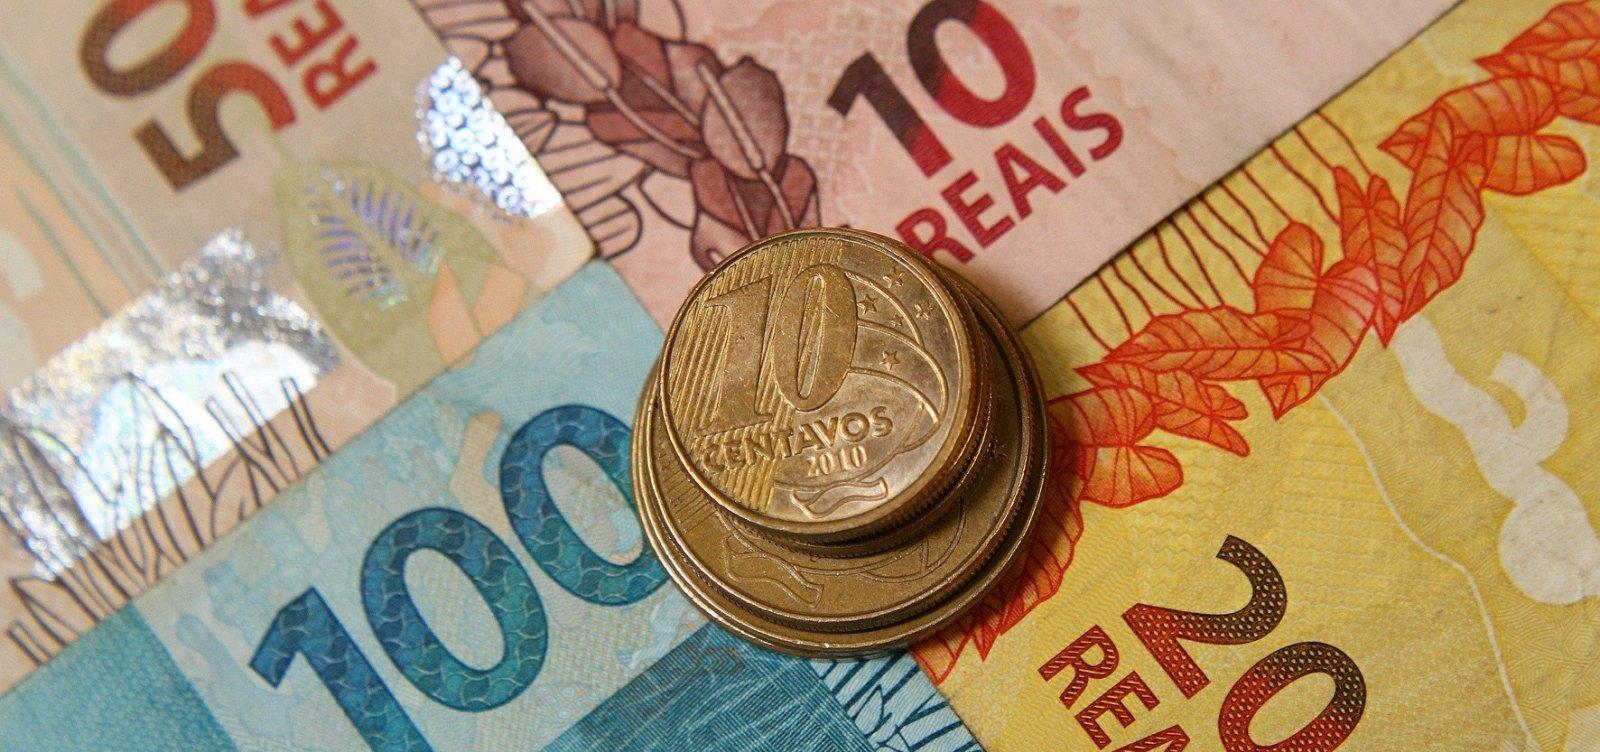 Governo prevê a concessão de R$ 376 bi em incentivos fiscais em 2019